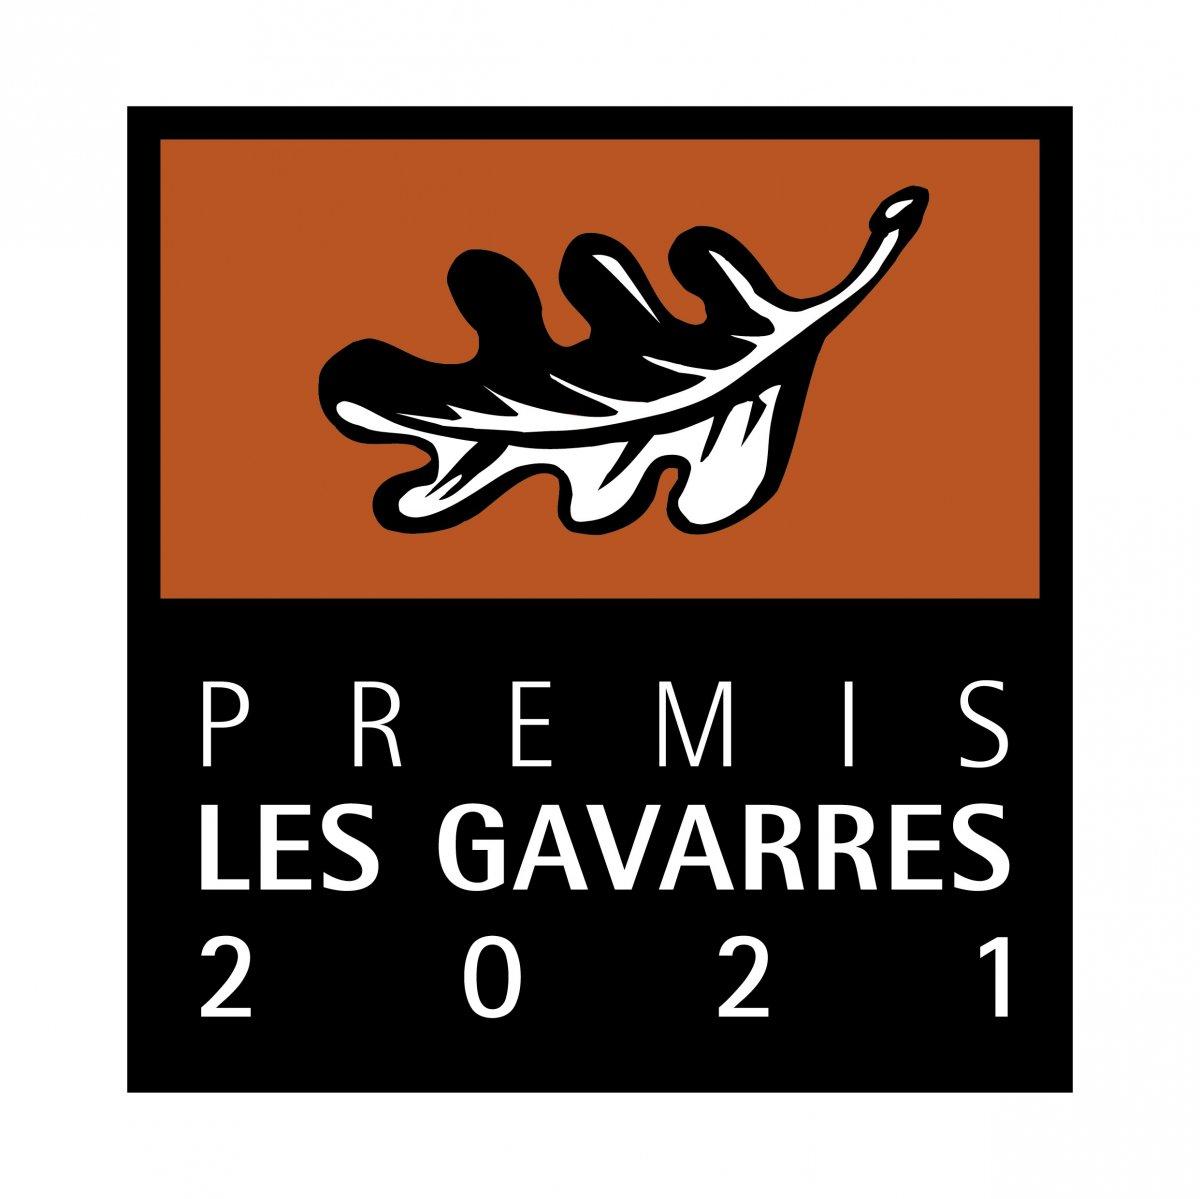 Logotip dels Premis Les Gavarres 2021